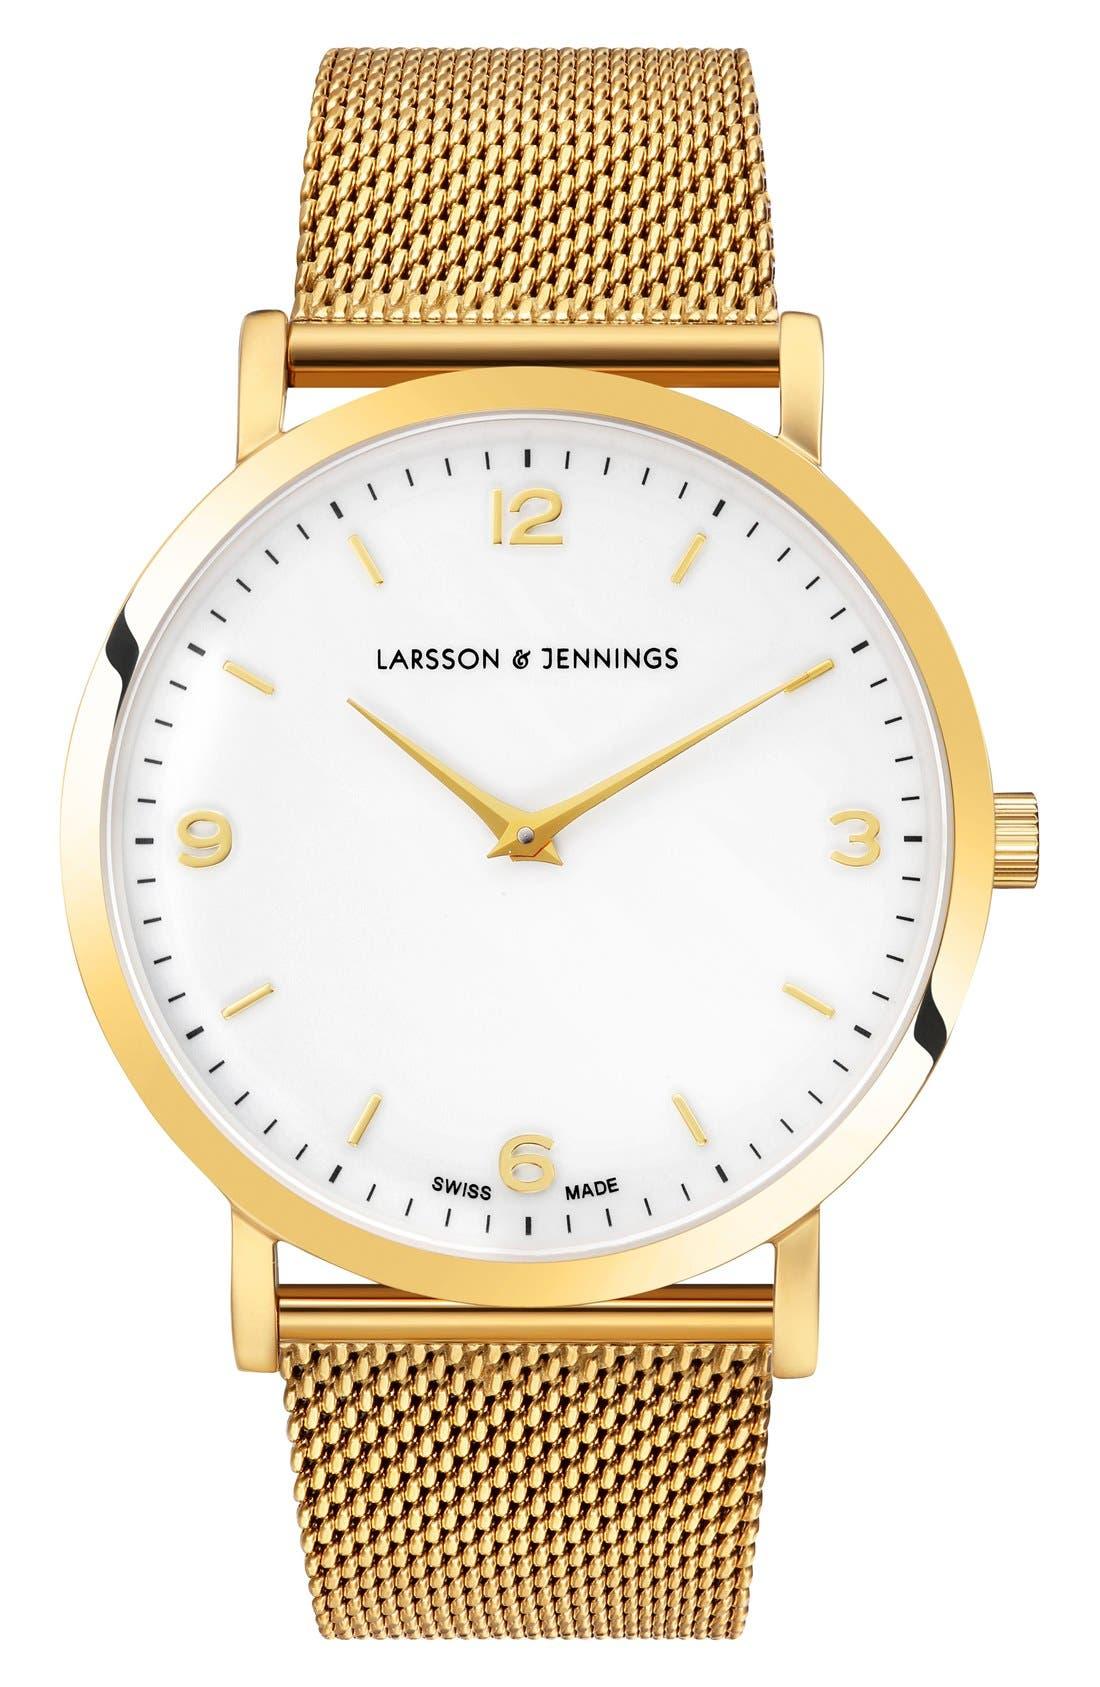 Larsson & Jennings Lugano Mesh Strap Watch, 38mm